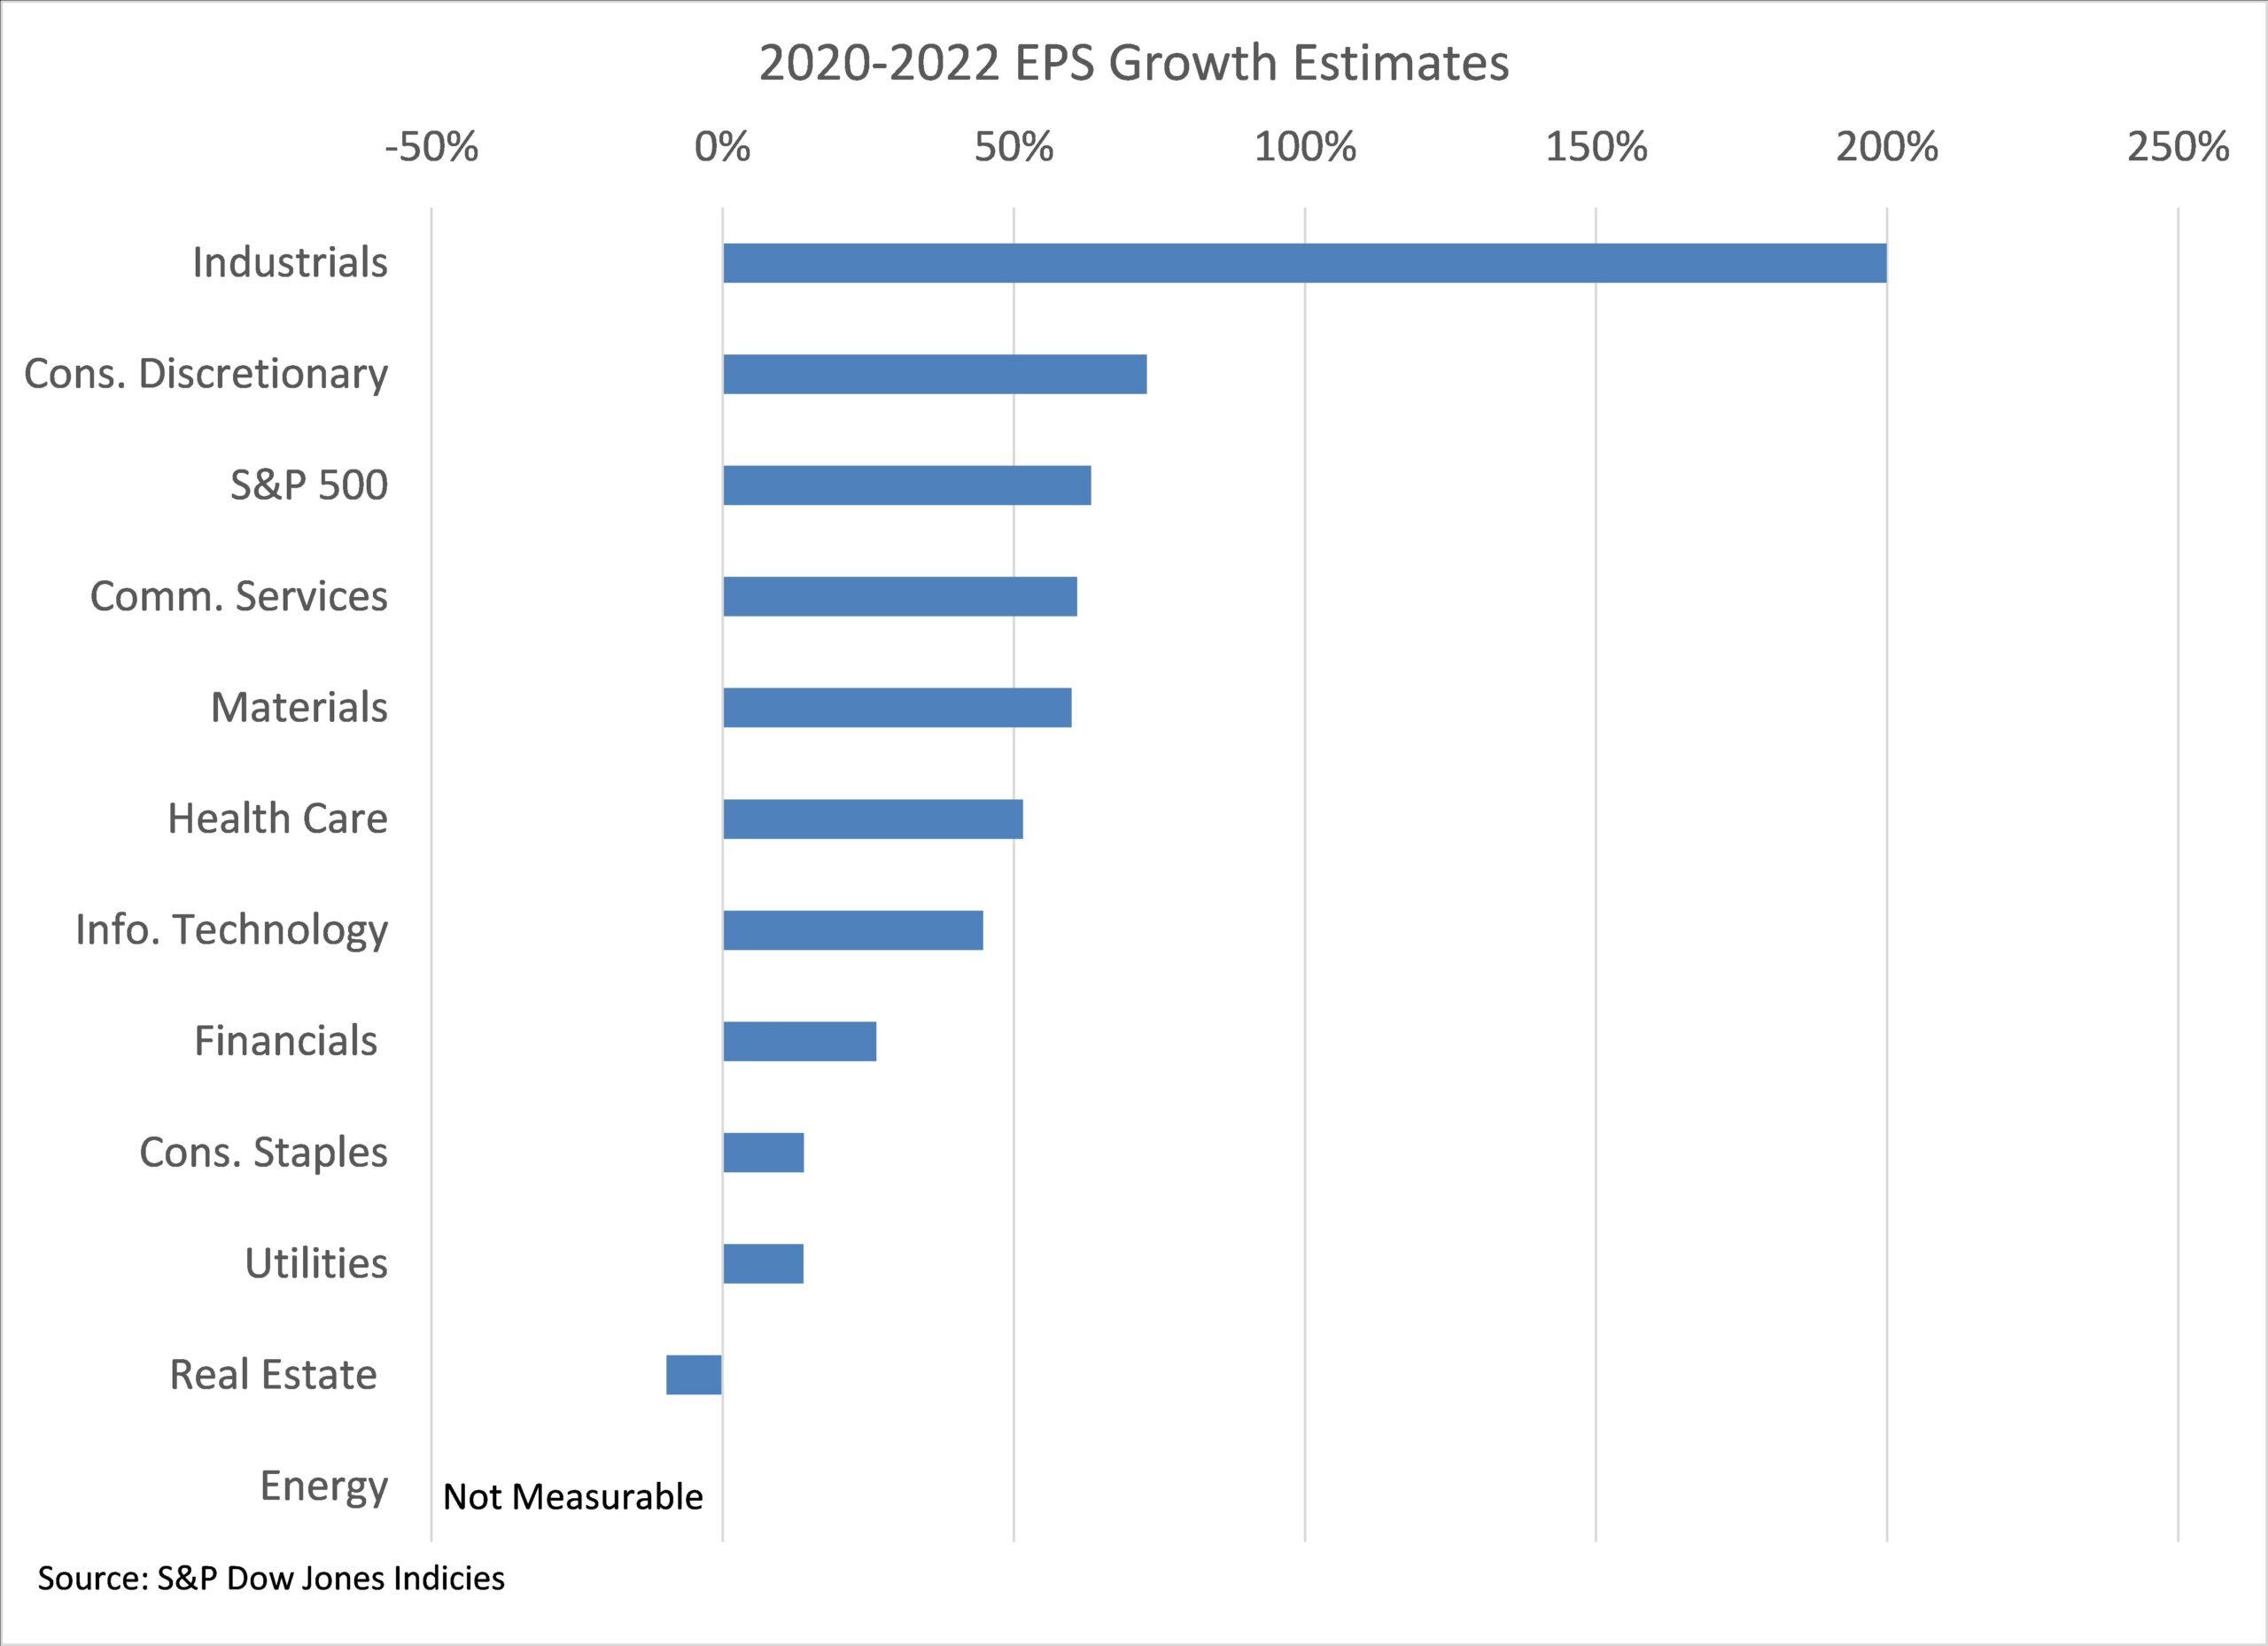 2020-2022 eps growth estimates graph